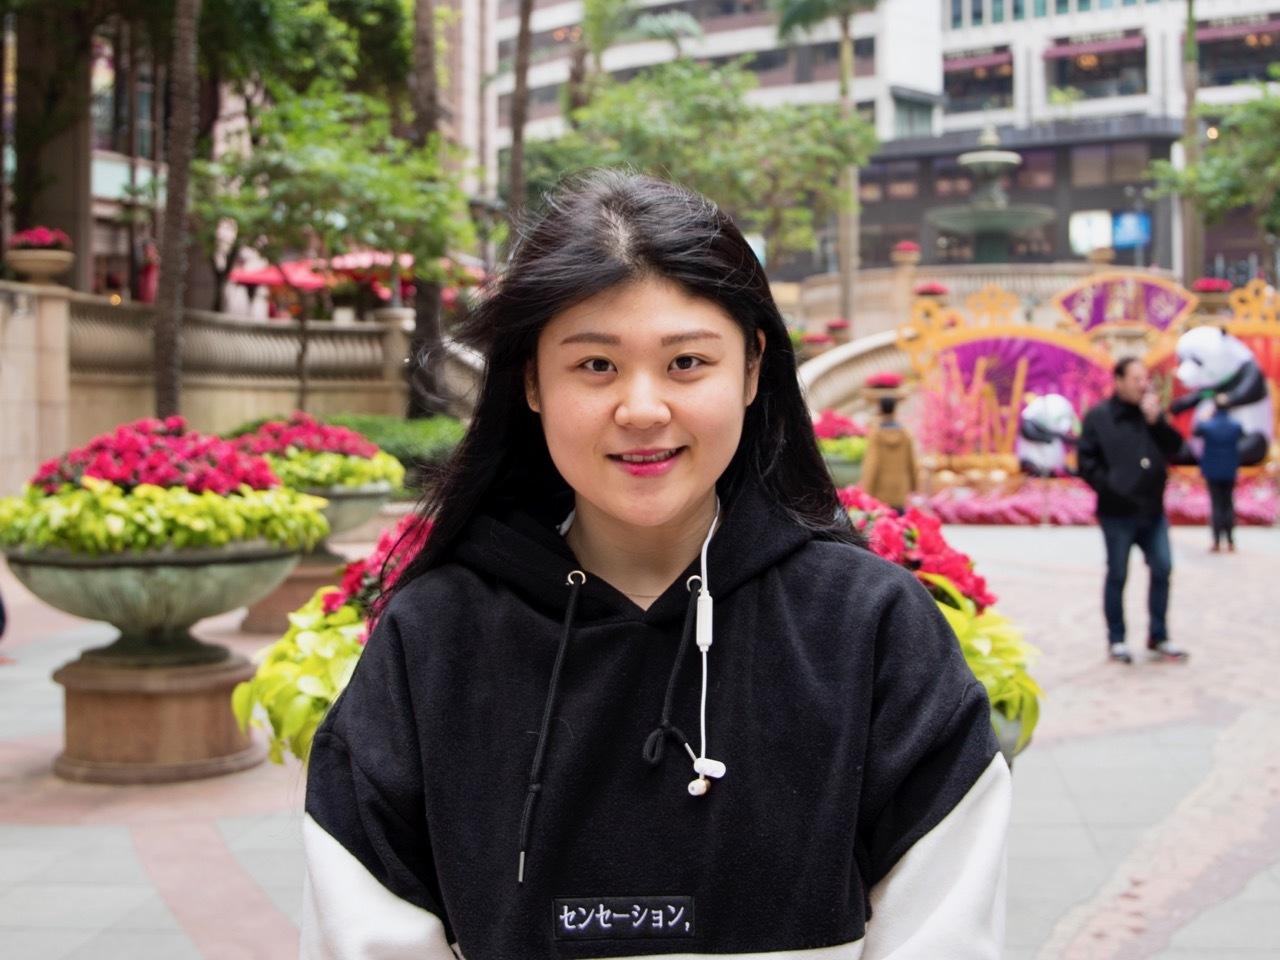 Joohee Yoon